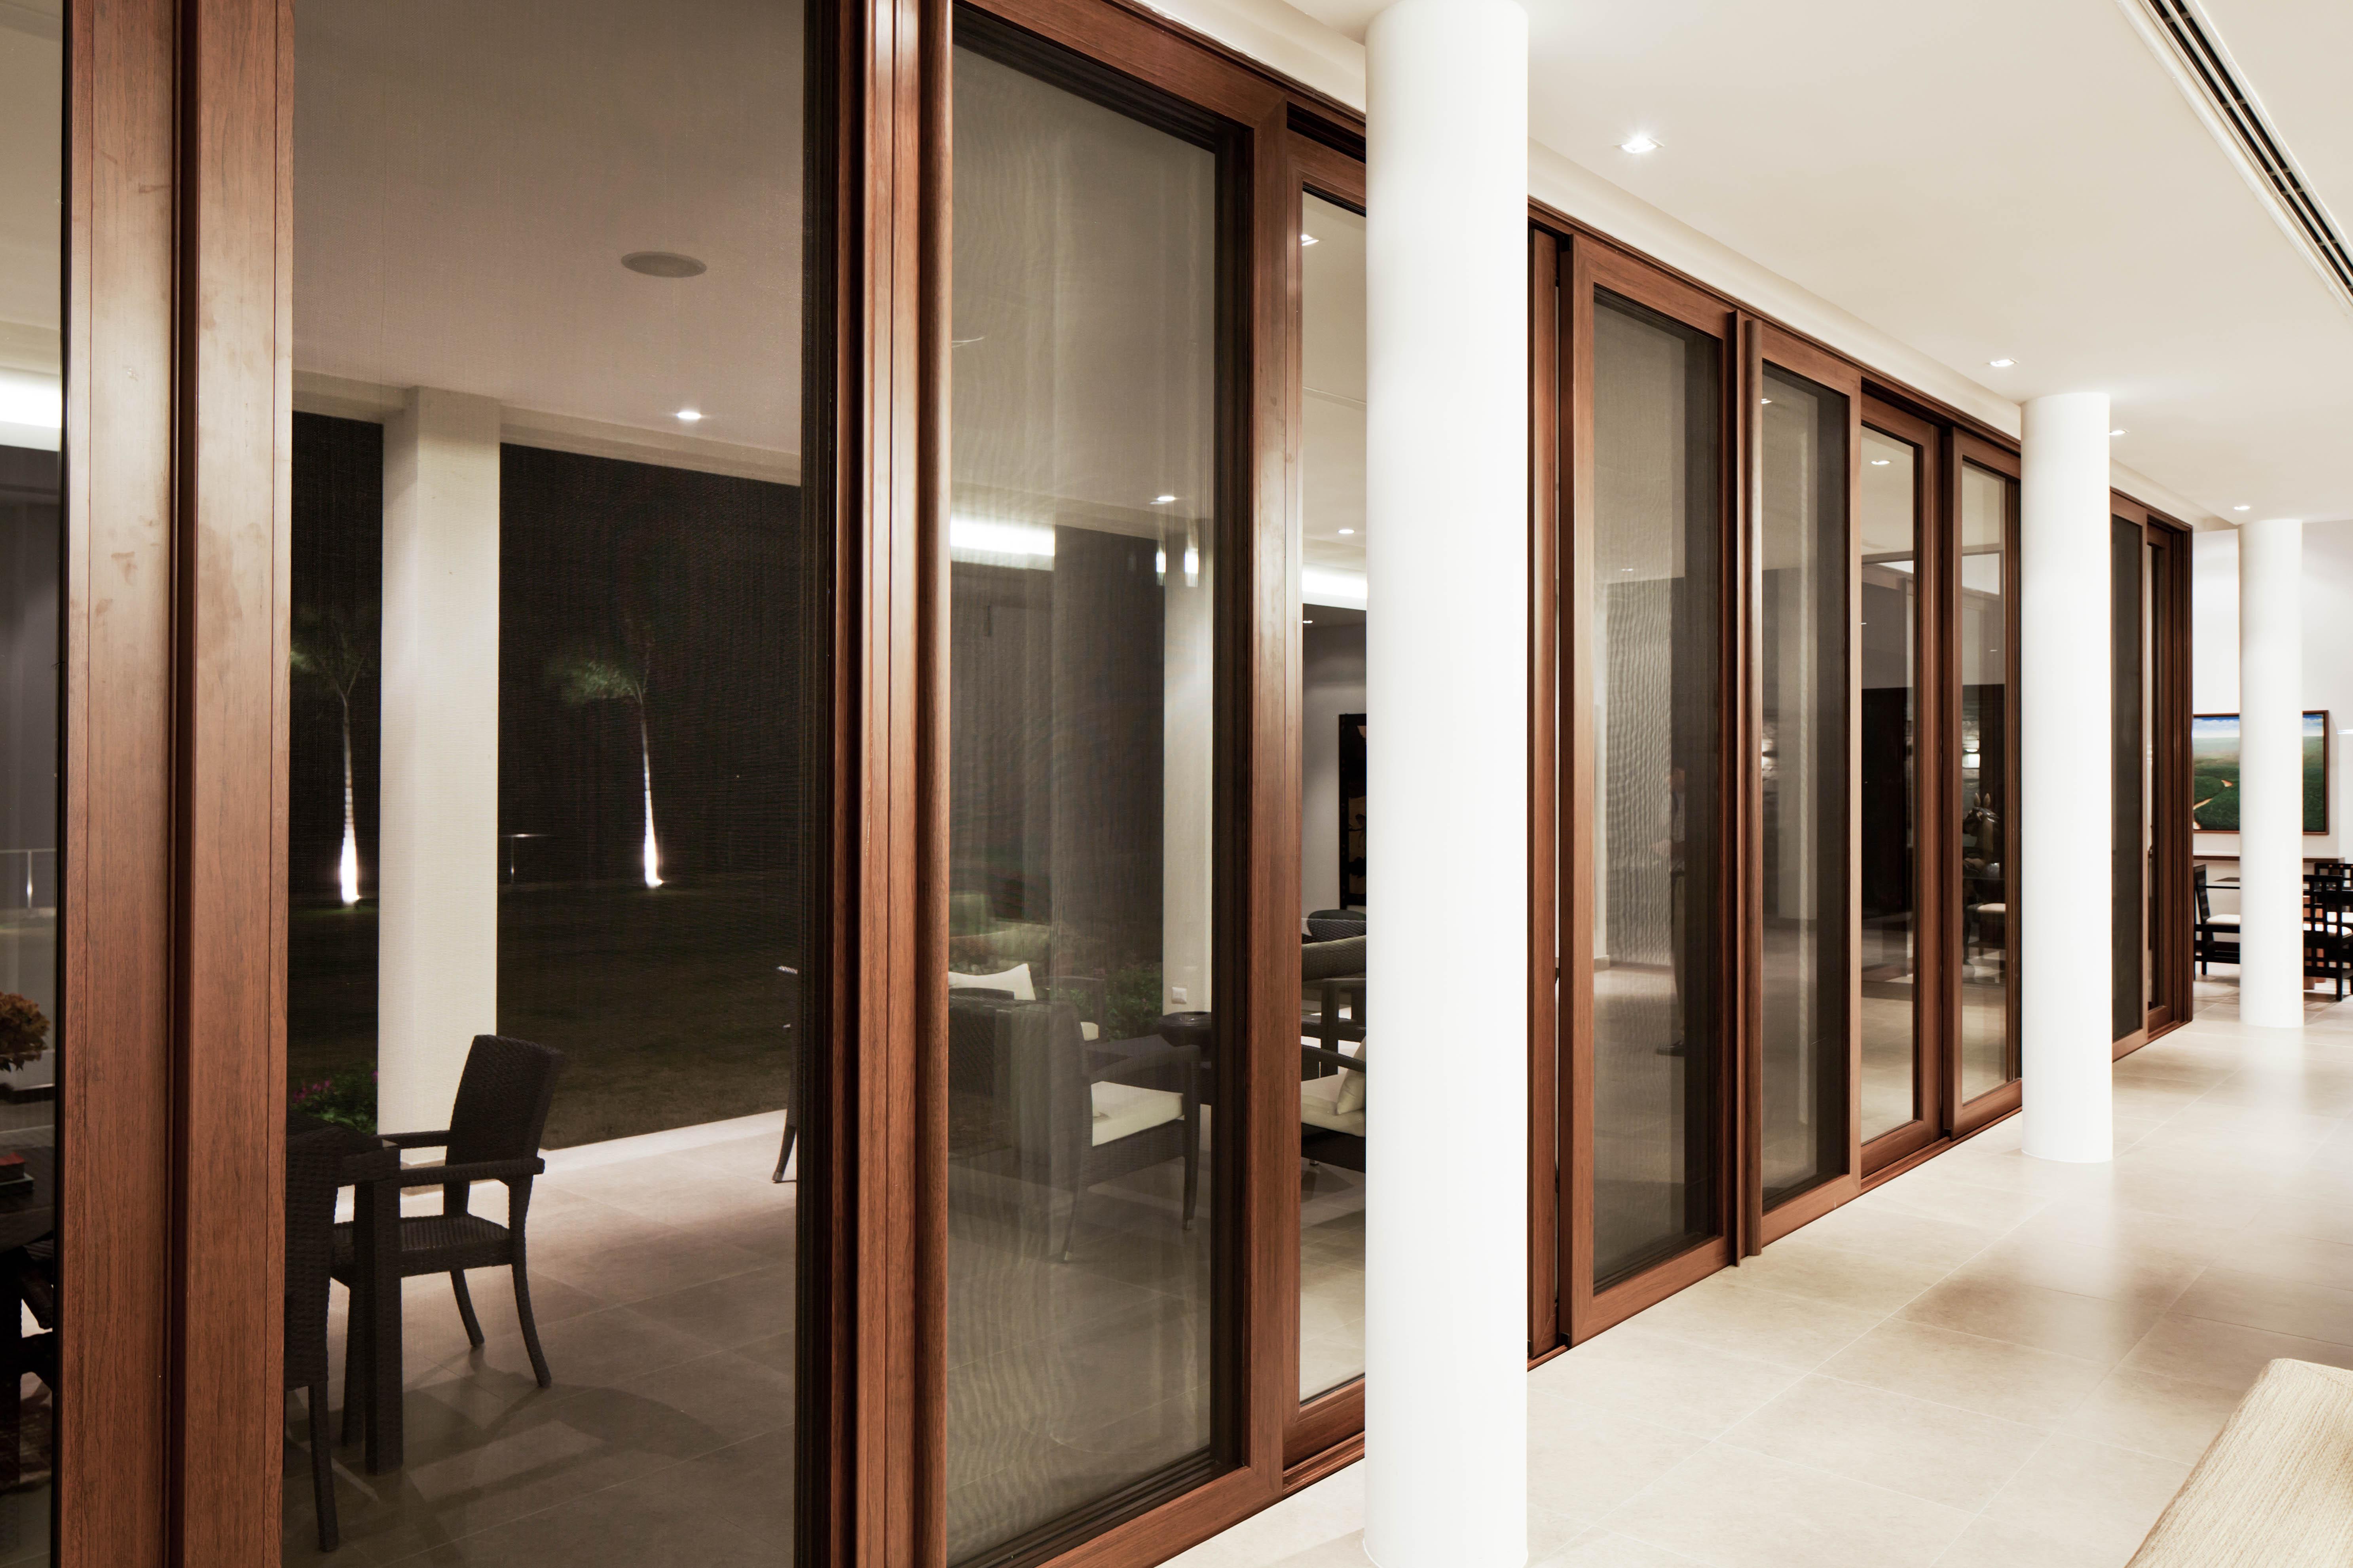 Ventana y puerta de aluminio y vidrio window world 52